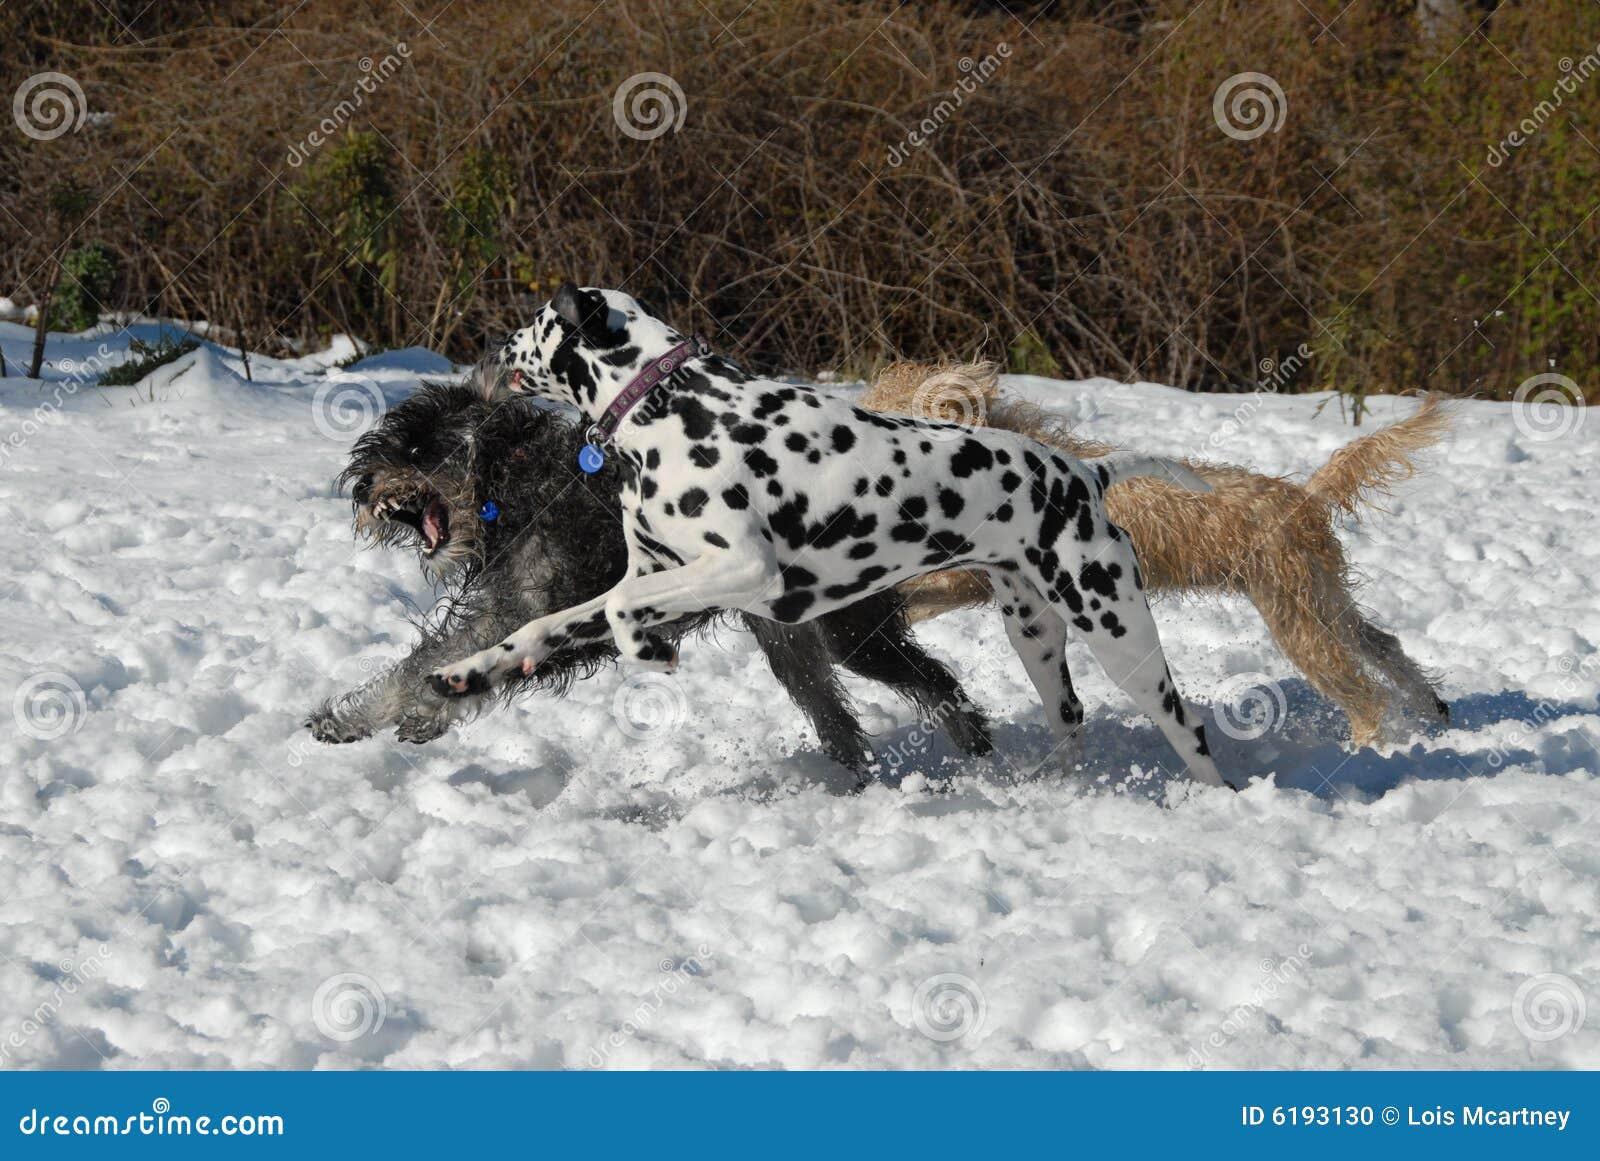 Perros que juegan la persecución en nieve